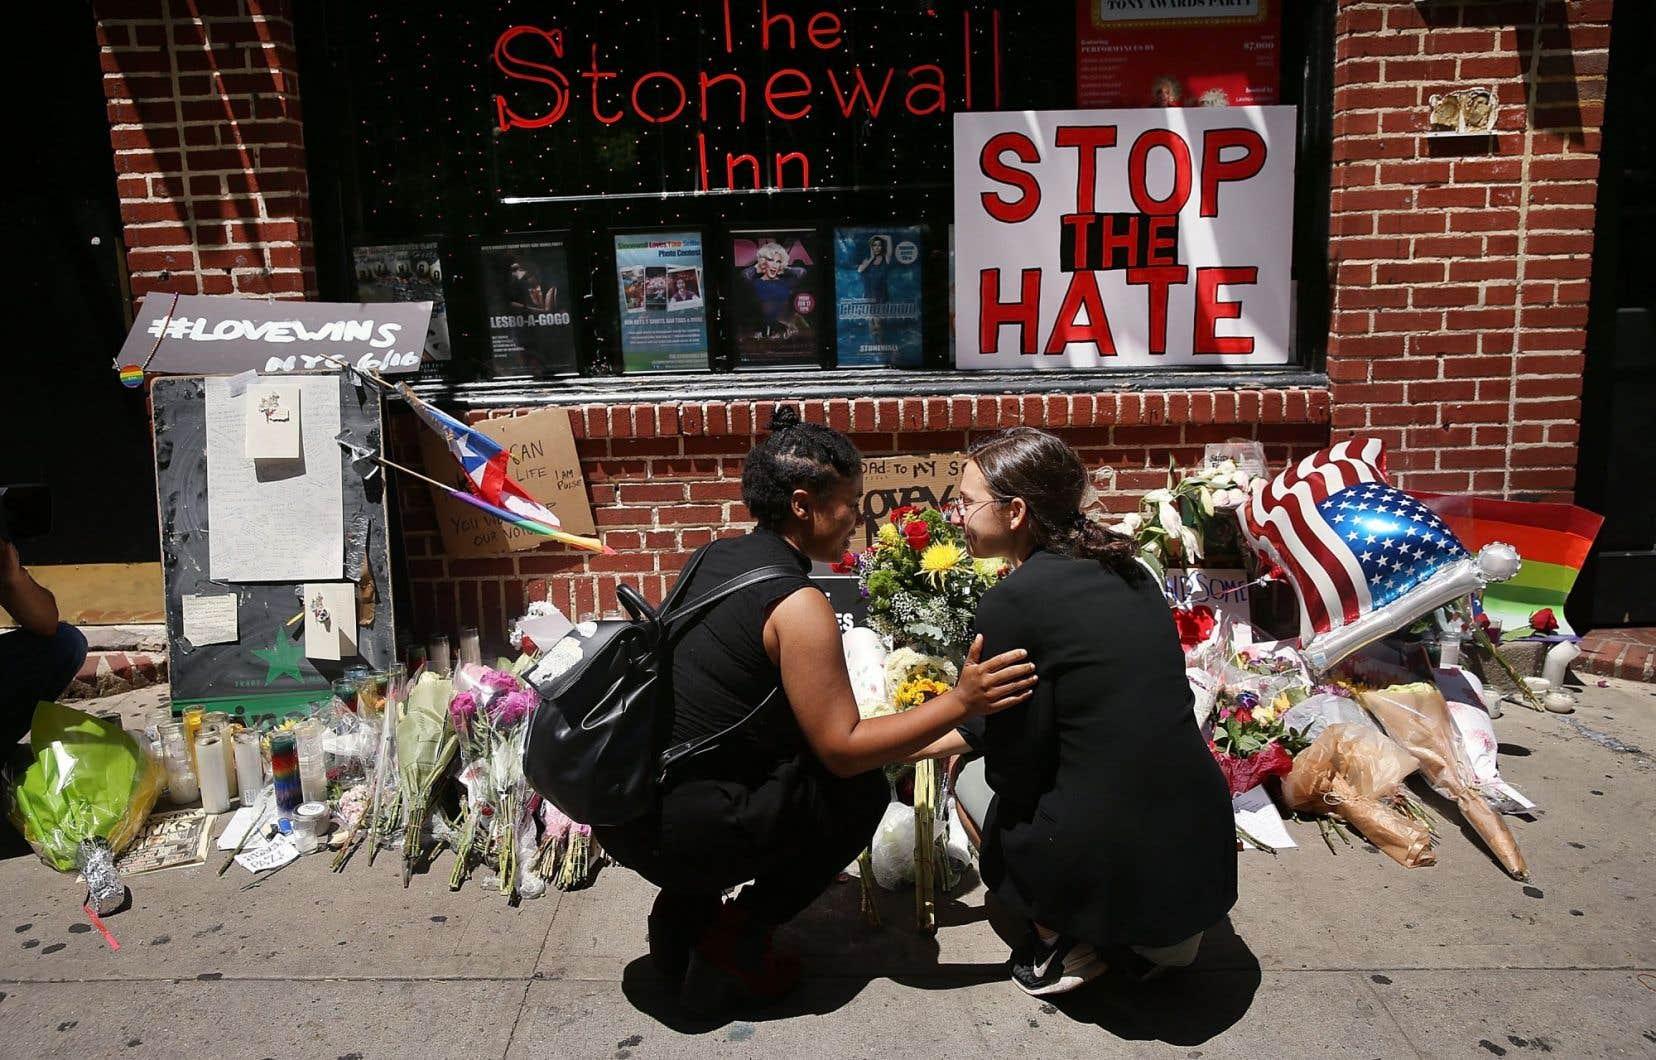 Des élans de solidarité envers la communauté homosexuelle se sont manifestés partout aux États-Unis, notamment à New York.